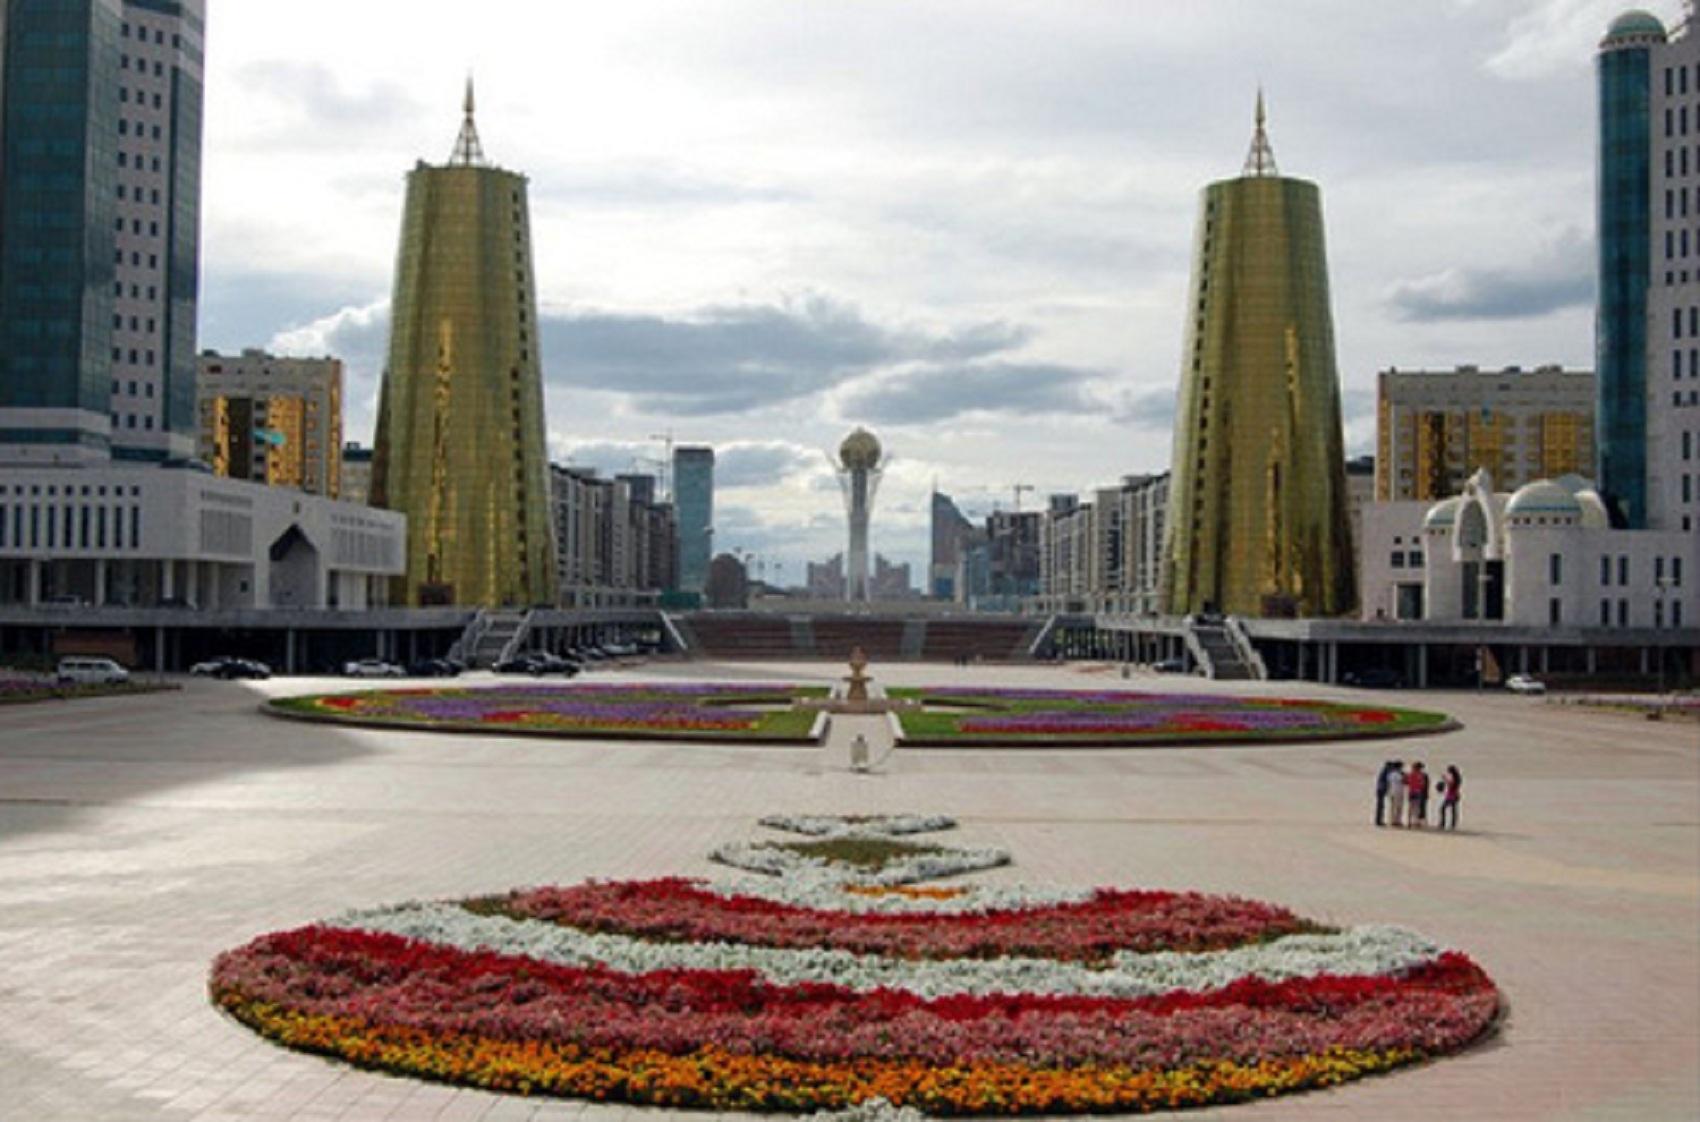 Ἀστανᾶ, ἡ πρωτεύουσα τῆς παγκοσμίου κυβερνήσεως.23